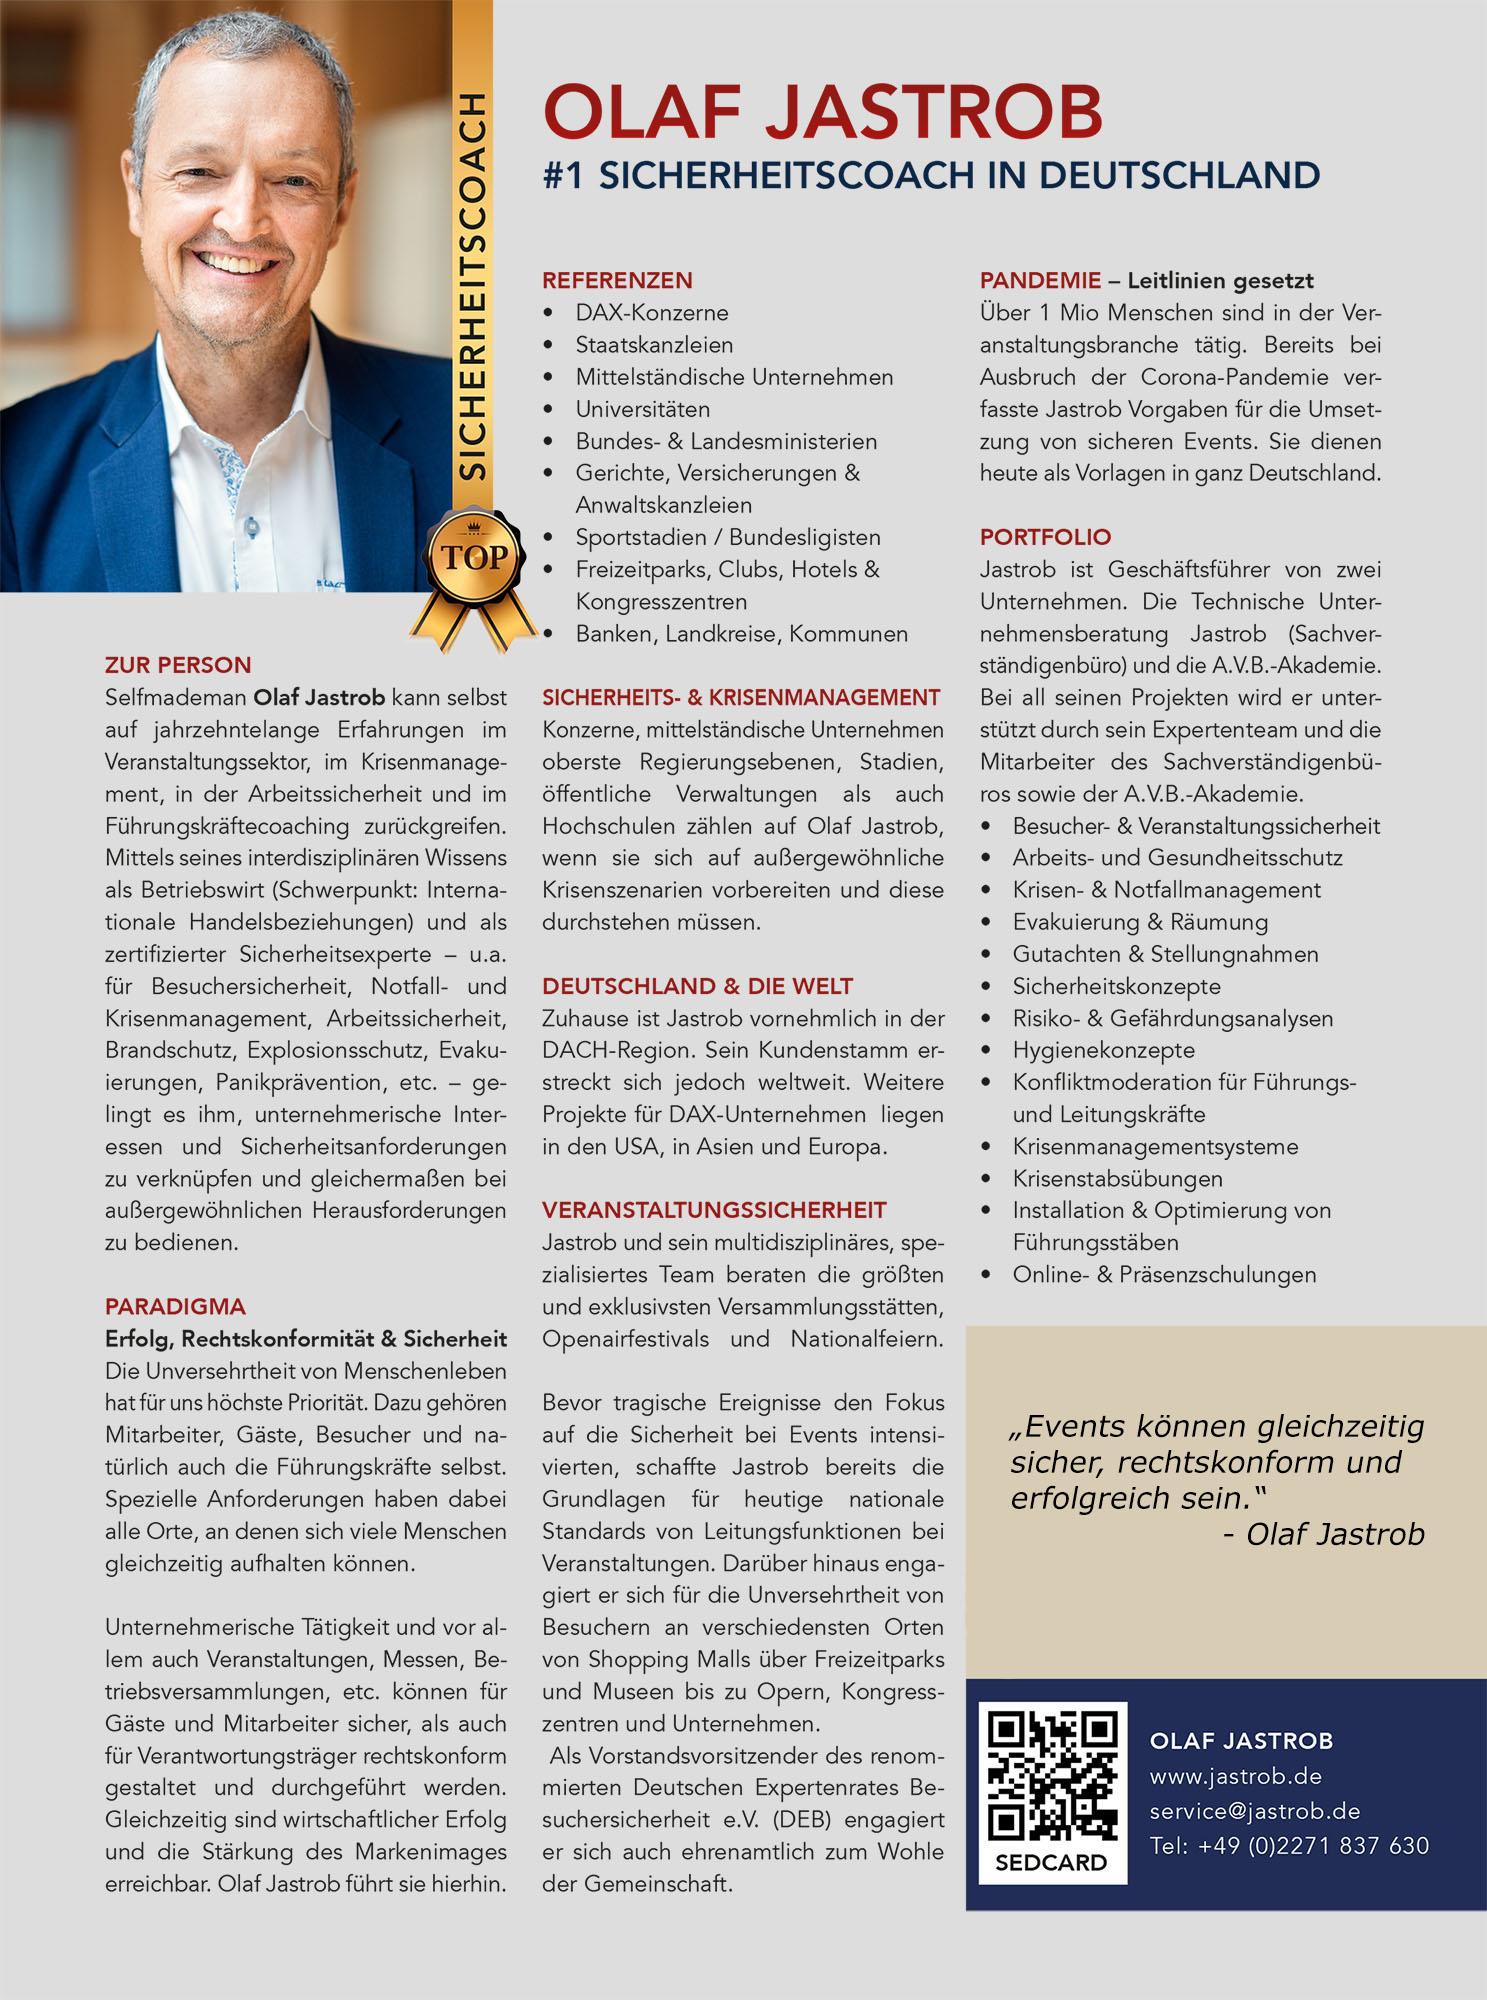 TOP COACH im Manager Magazin: Olaf Jastrob